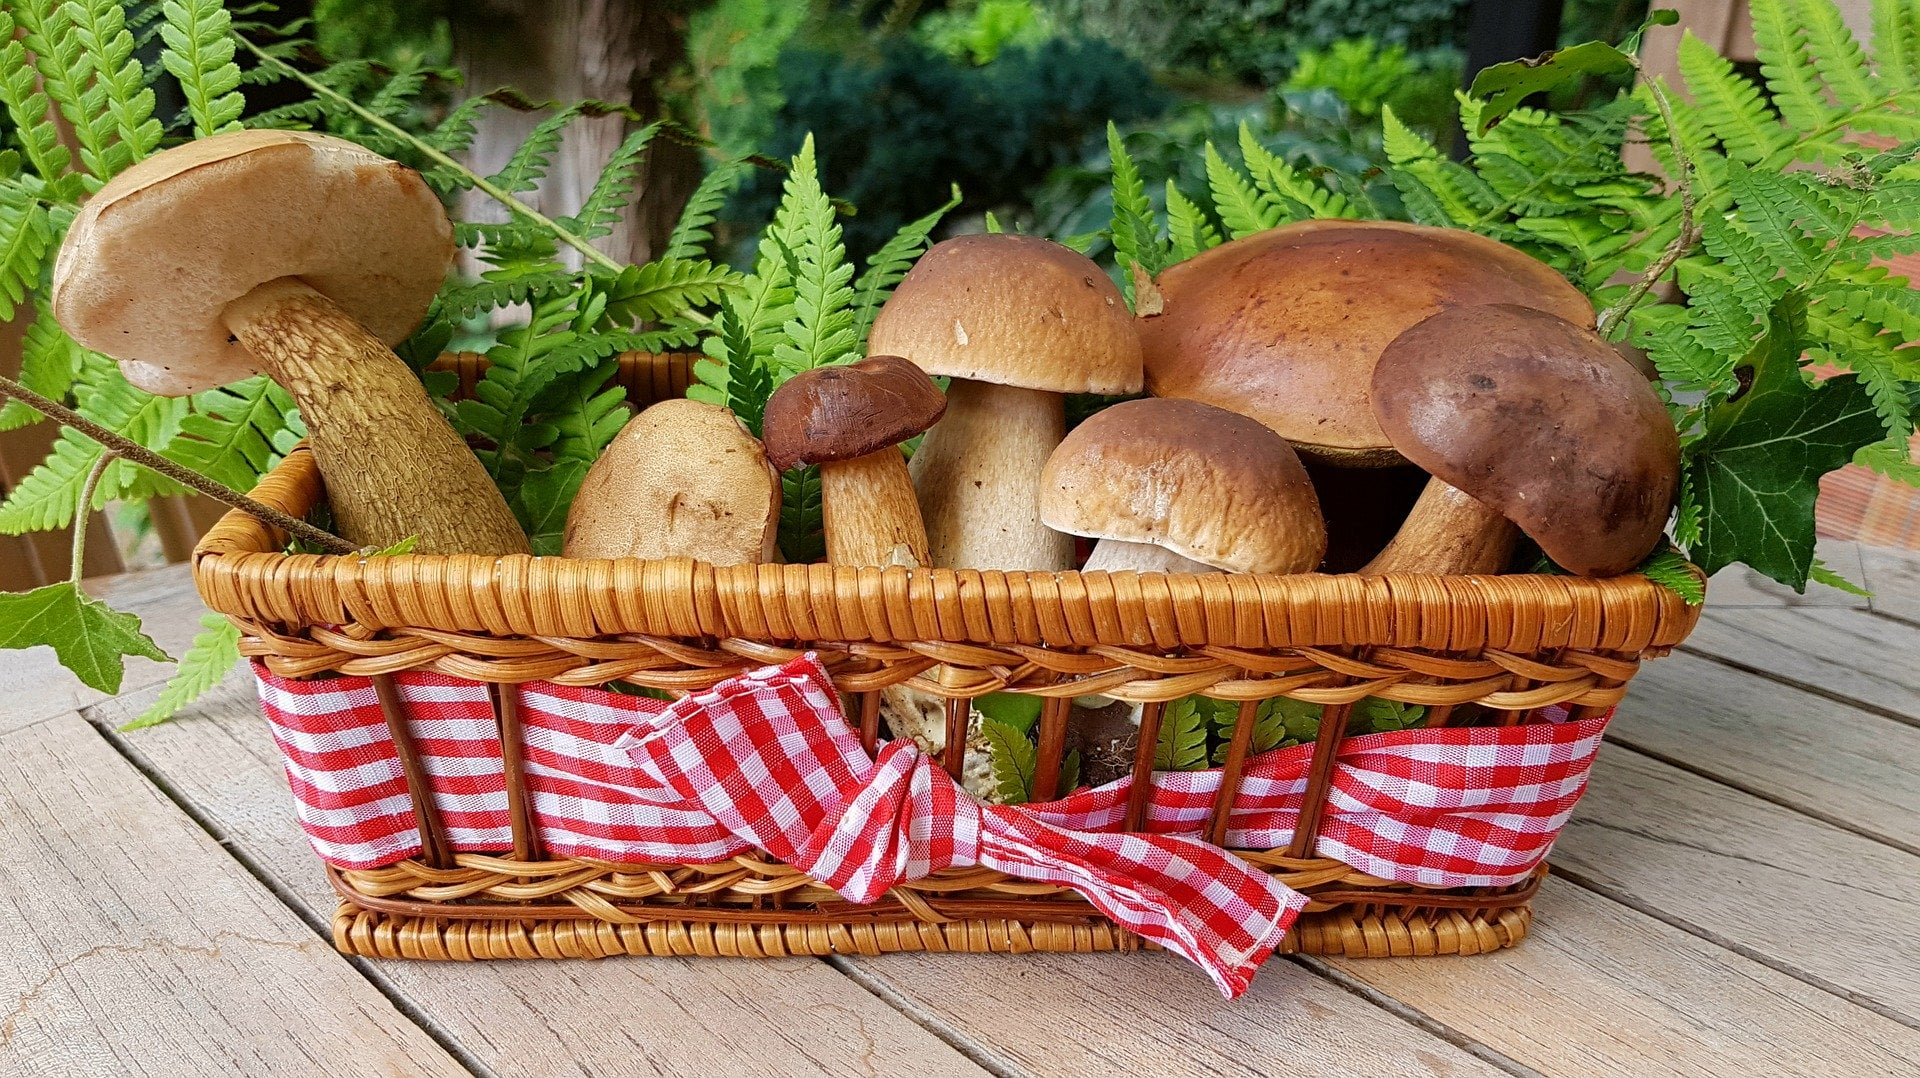 Comment cuisiner des cèpes frais ? Le roi des champignons